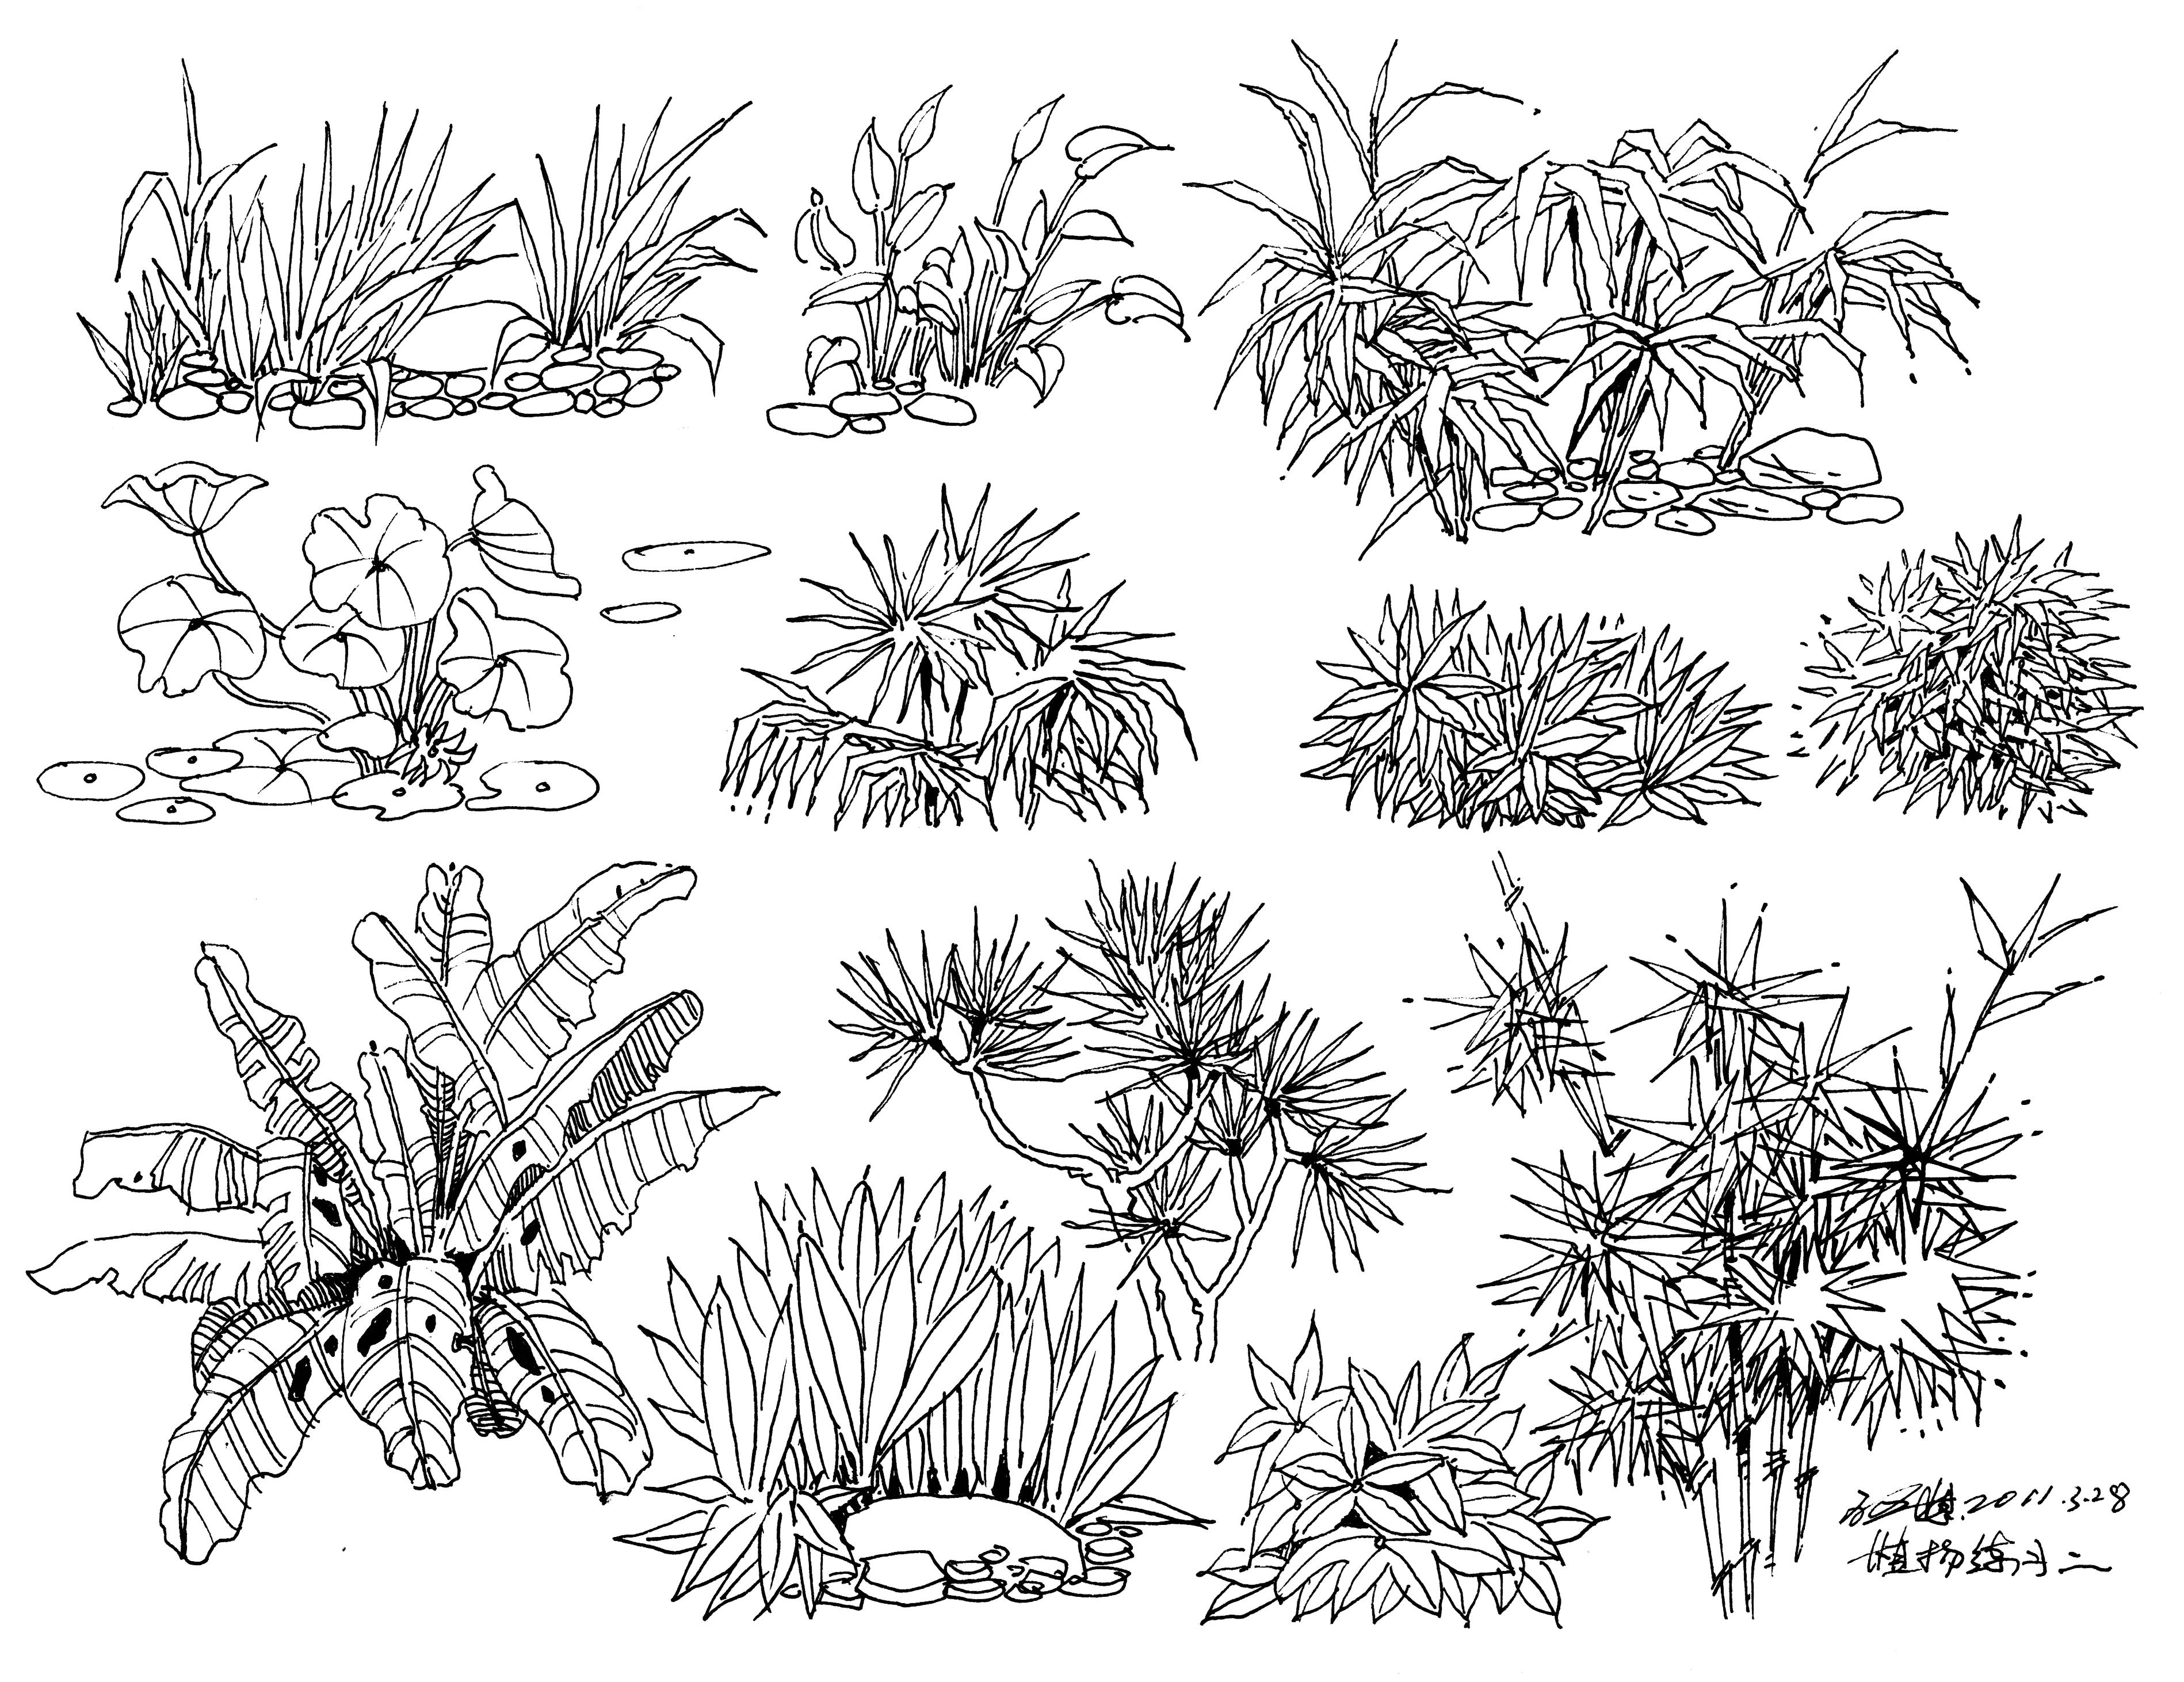 匠人营国|景观手绘植物,水景,石头,人物,交通工具,以及平面造型手绘练